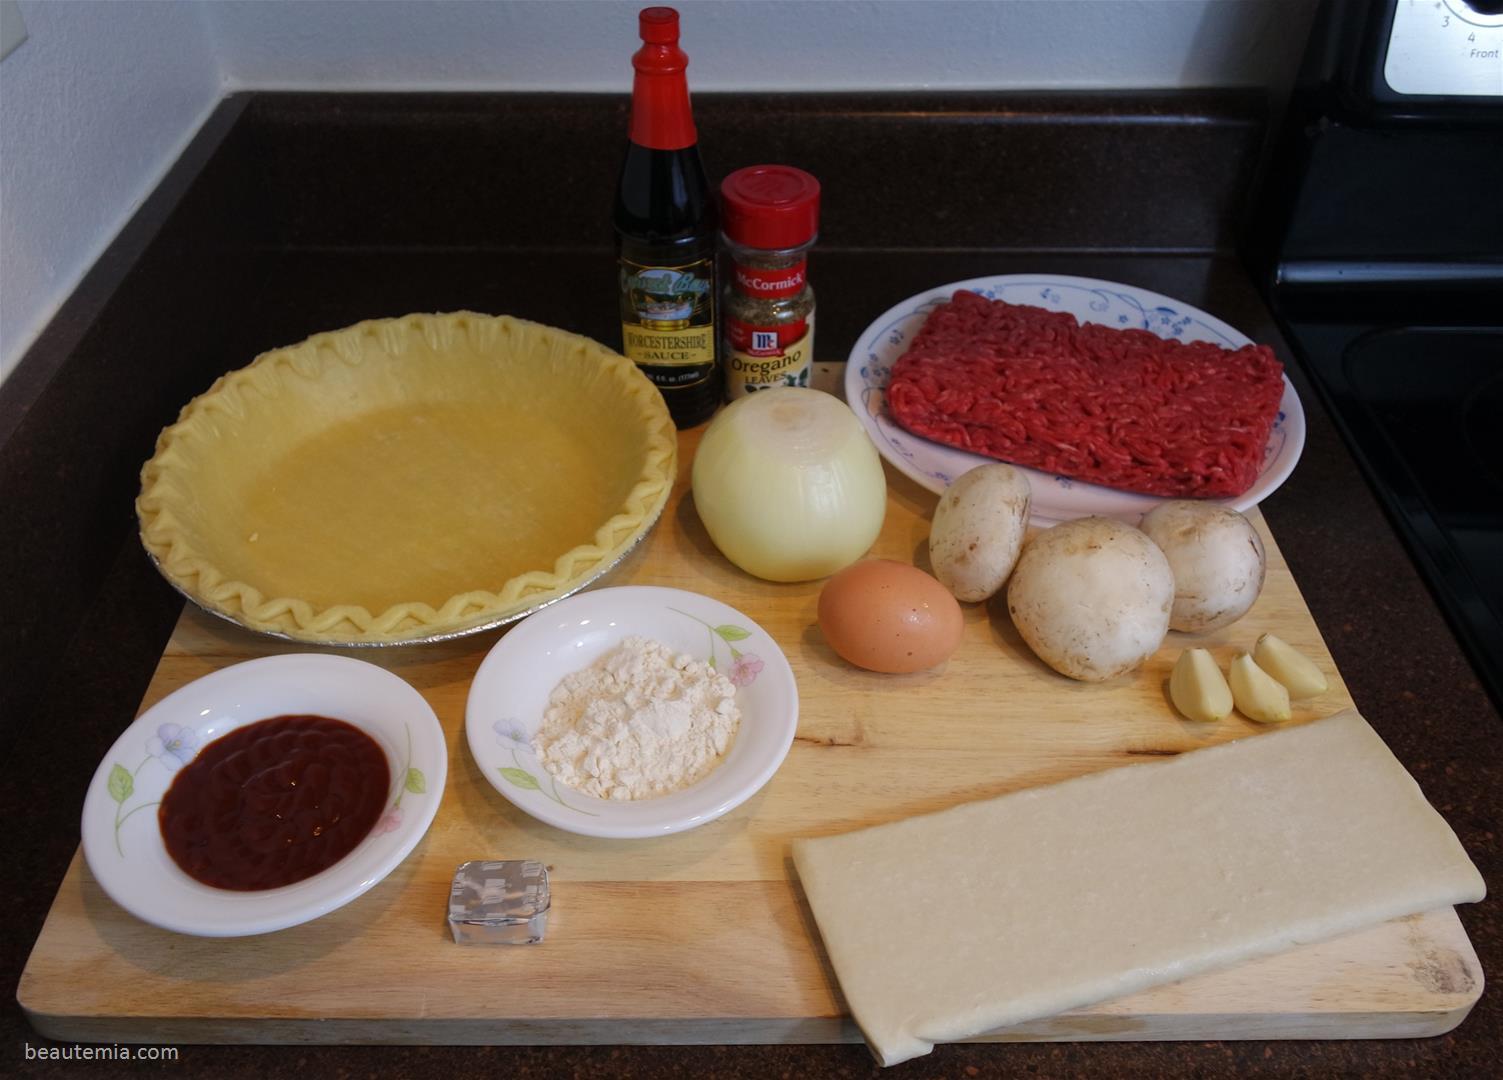 Meat pie ingredients